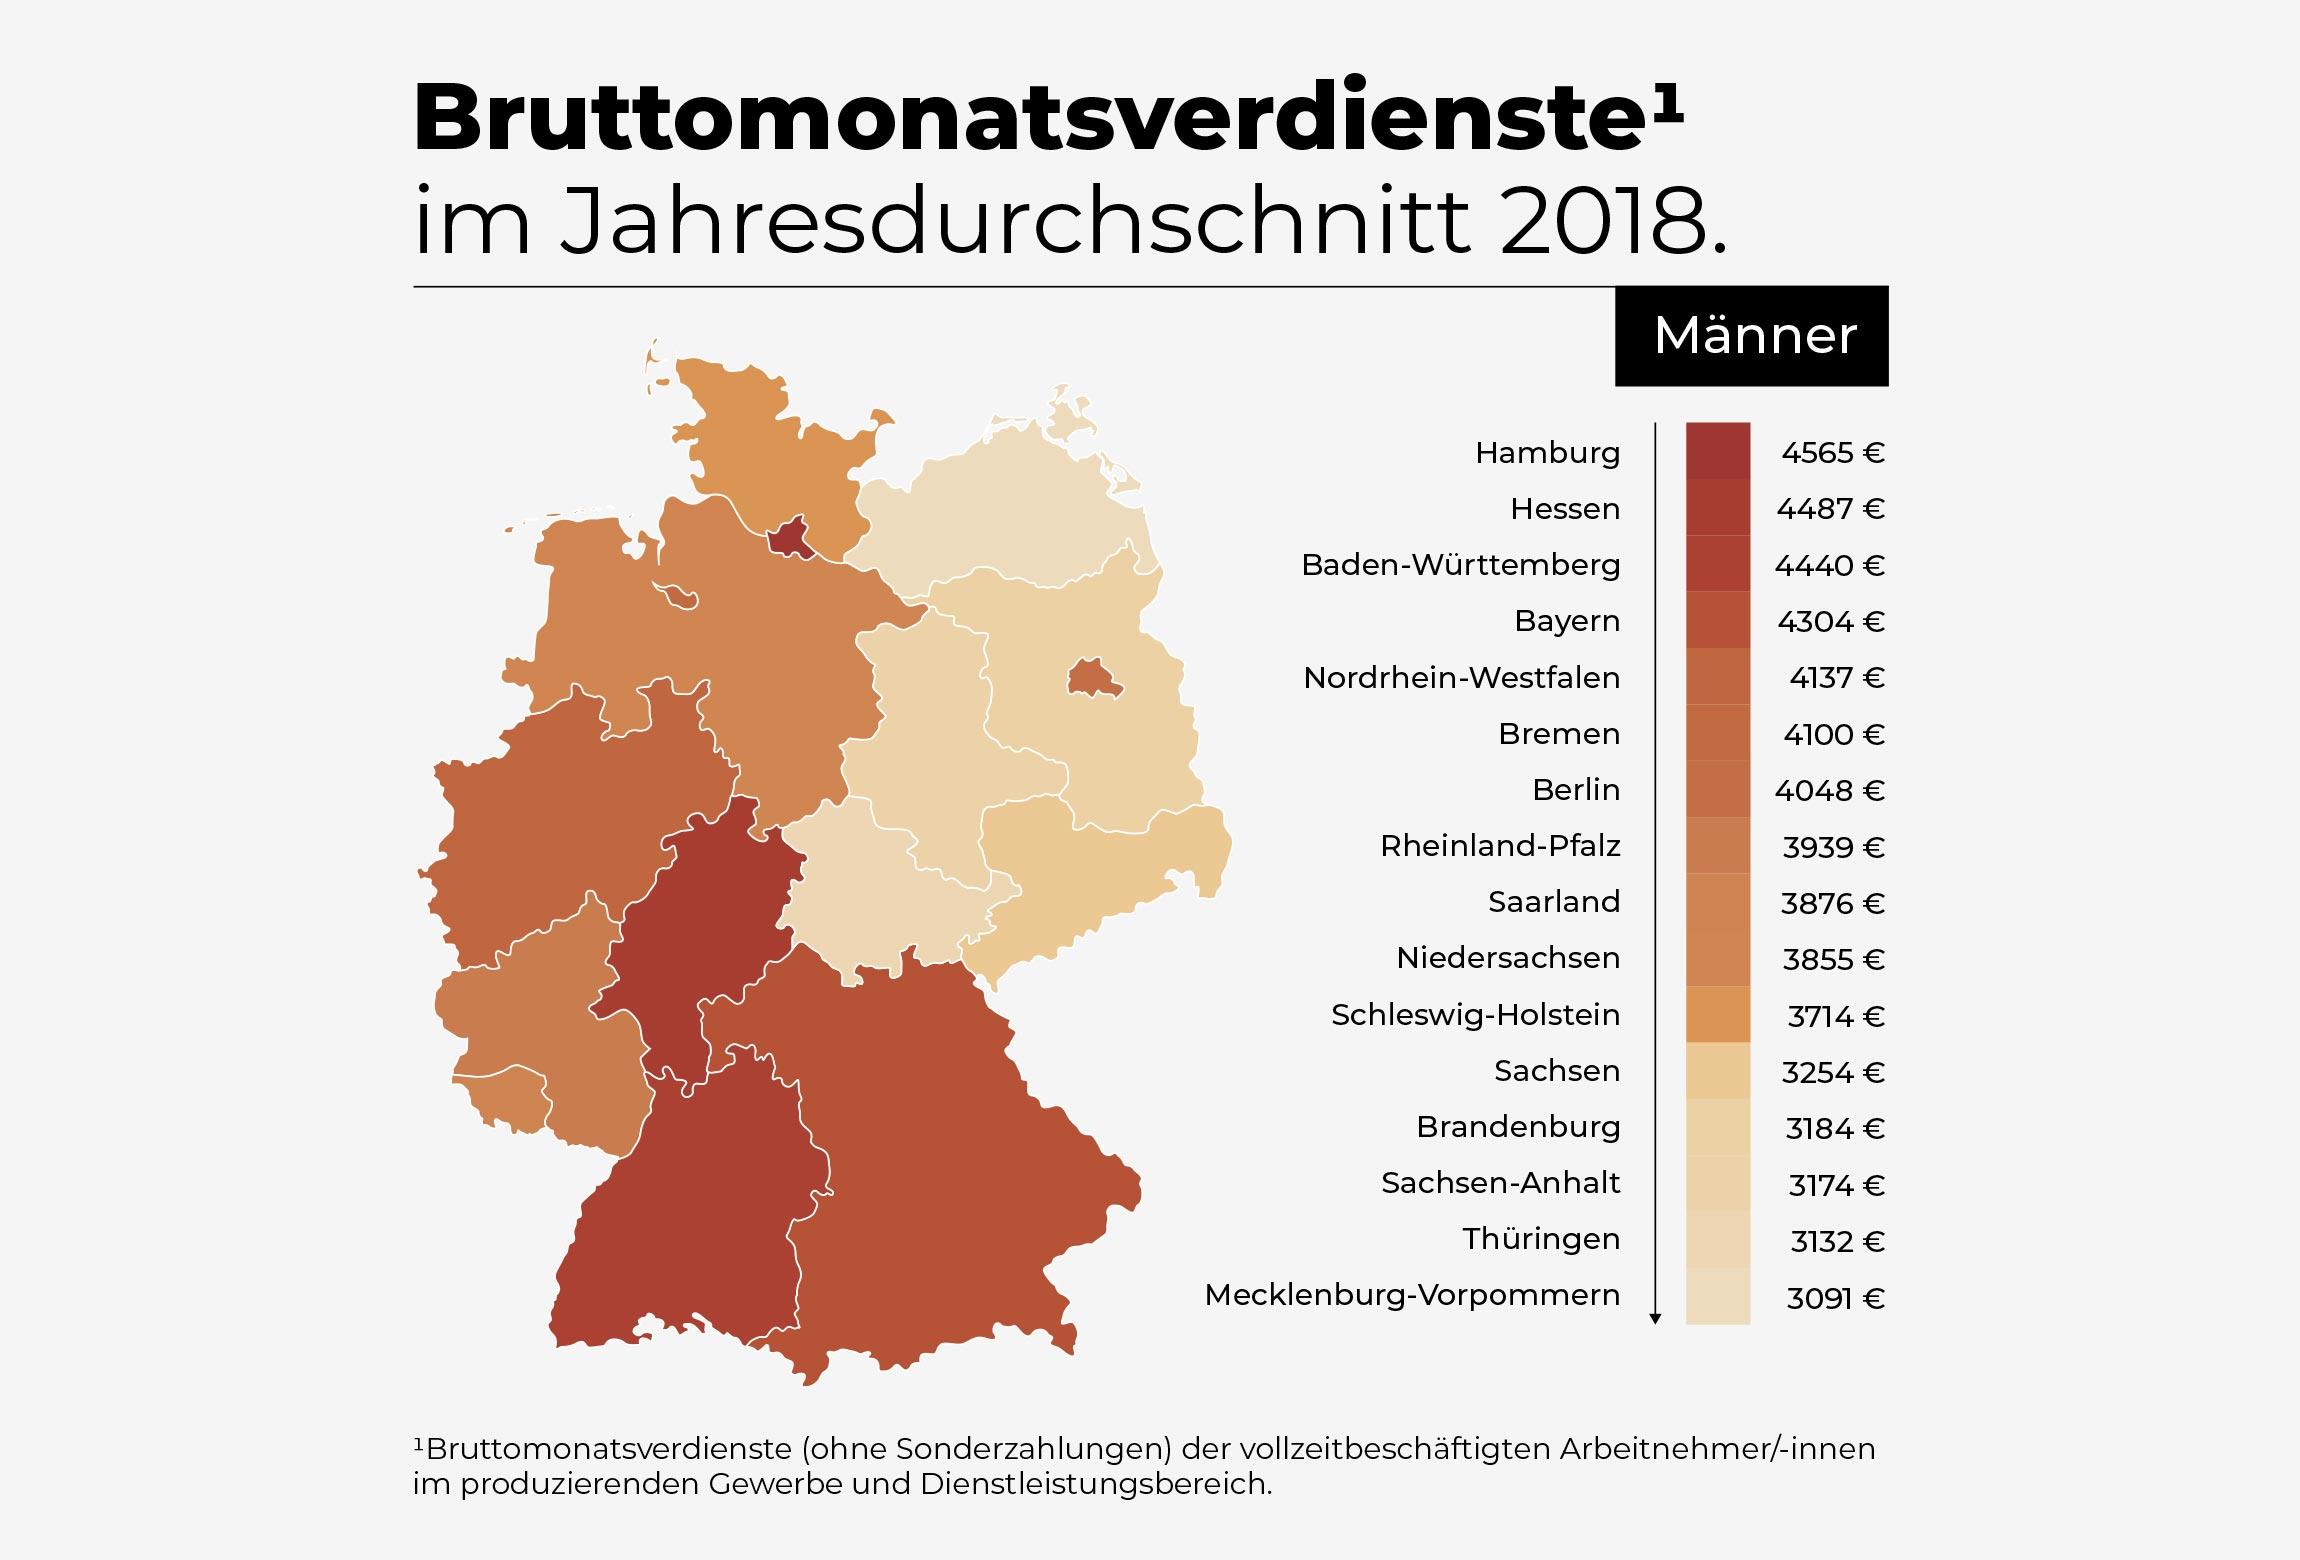 Bruttomonatsverdienste im Jahresdurchschnitt 2018